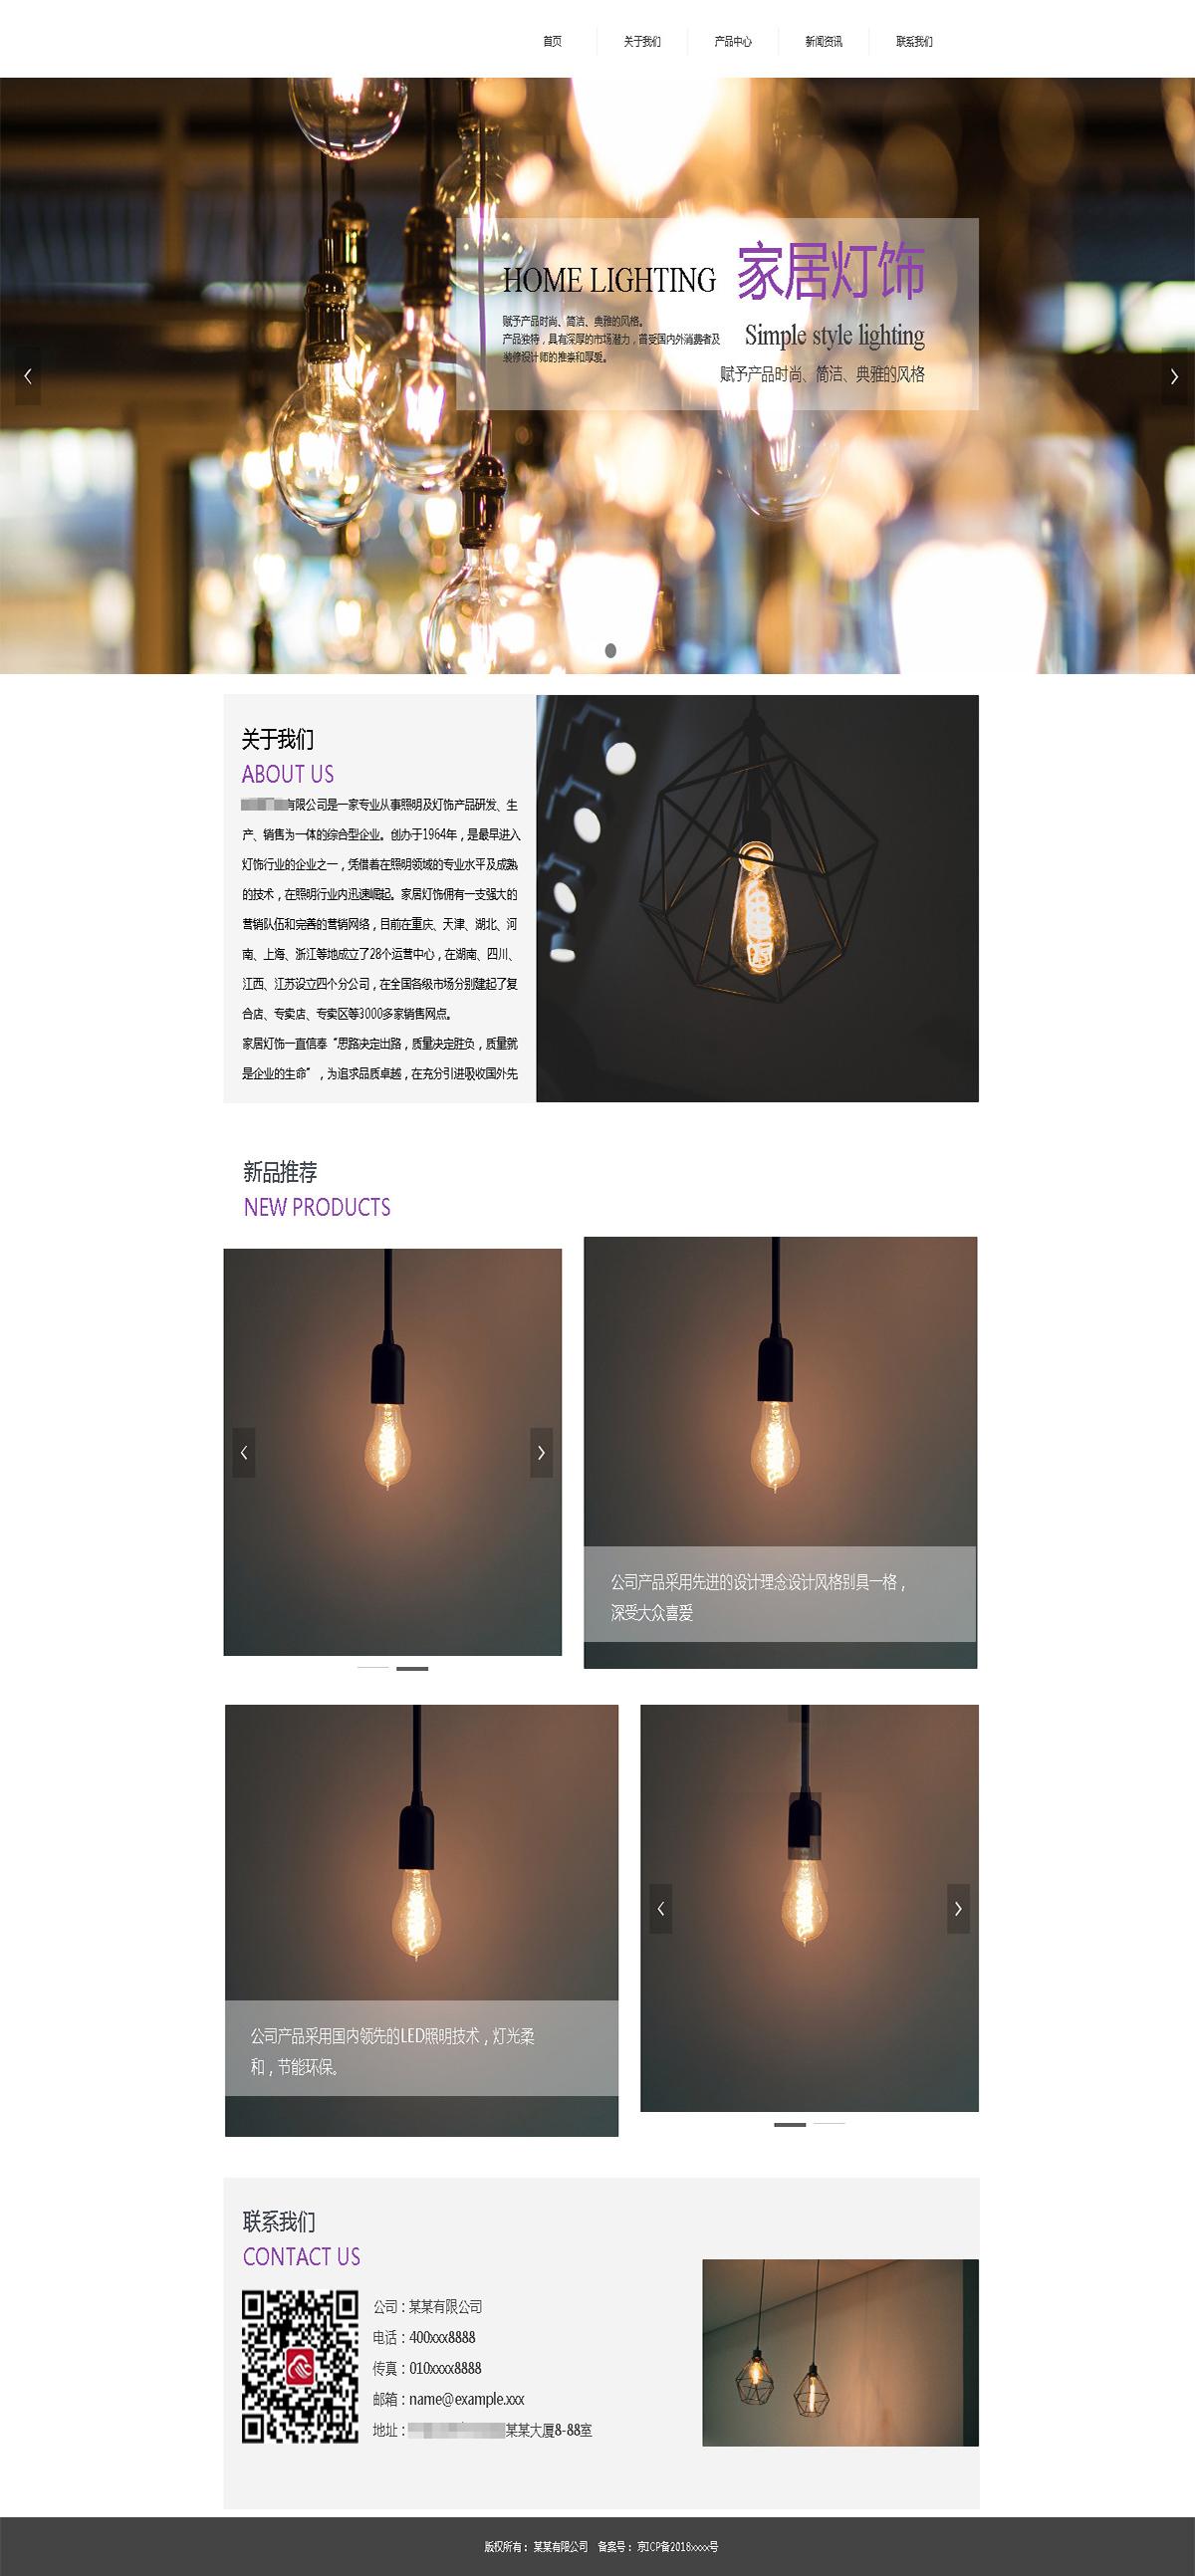 灯具灯饰公司网站制作案例